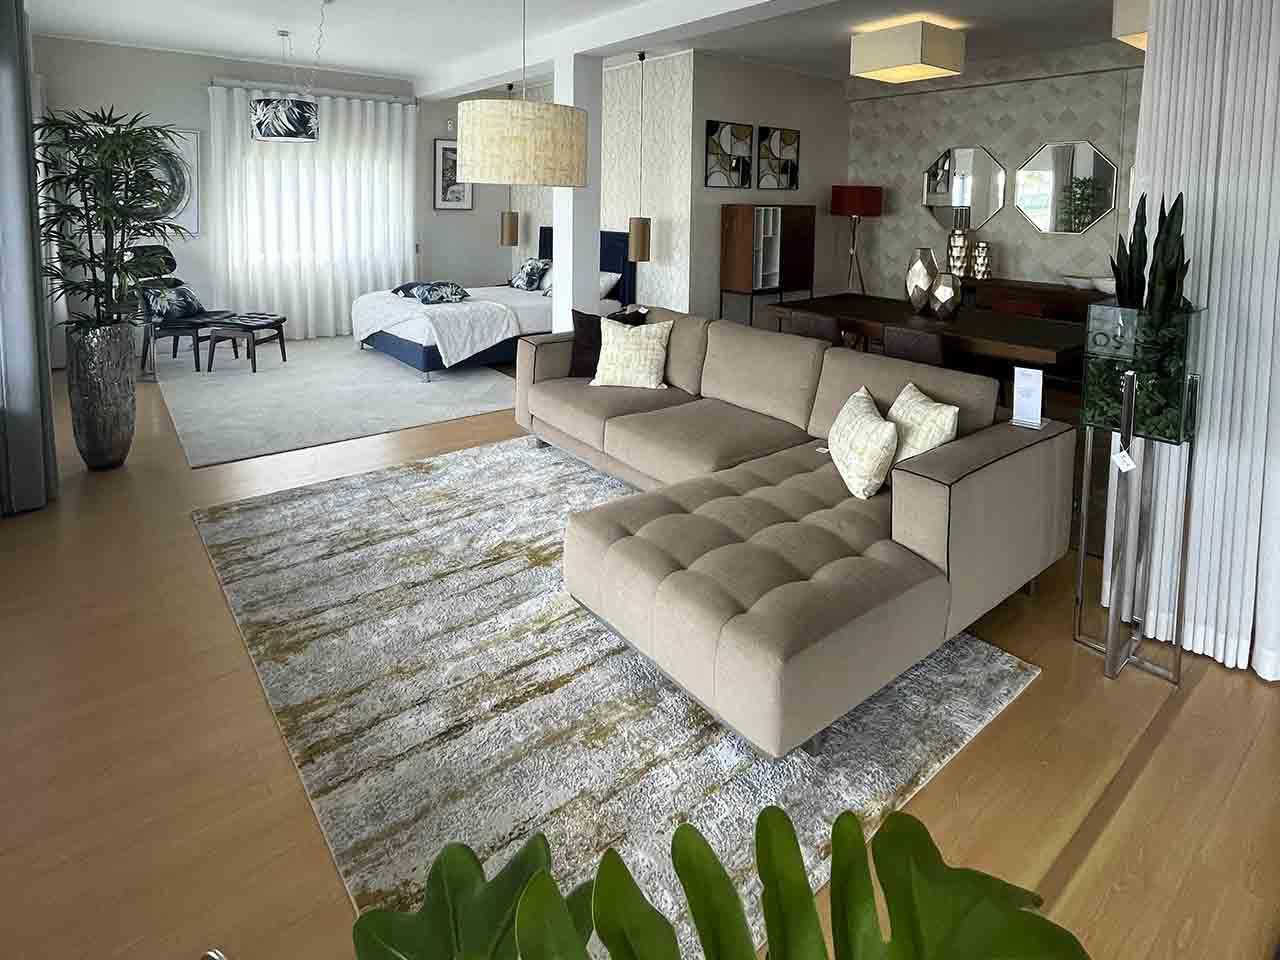 lisiarte-cortinados-colchões-camas-sofas-decoração-interiores-caldasdarainha-oeste-sãomartinho-bomsucesso-lisboa-praiadelrey